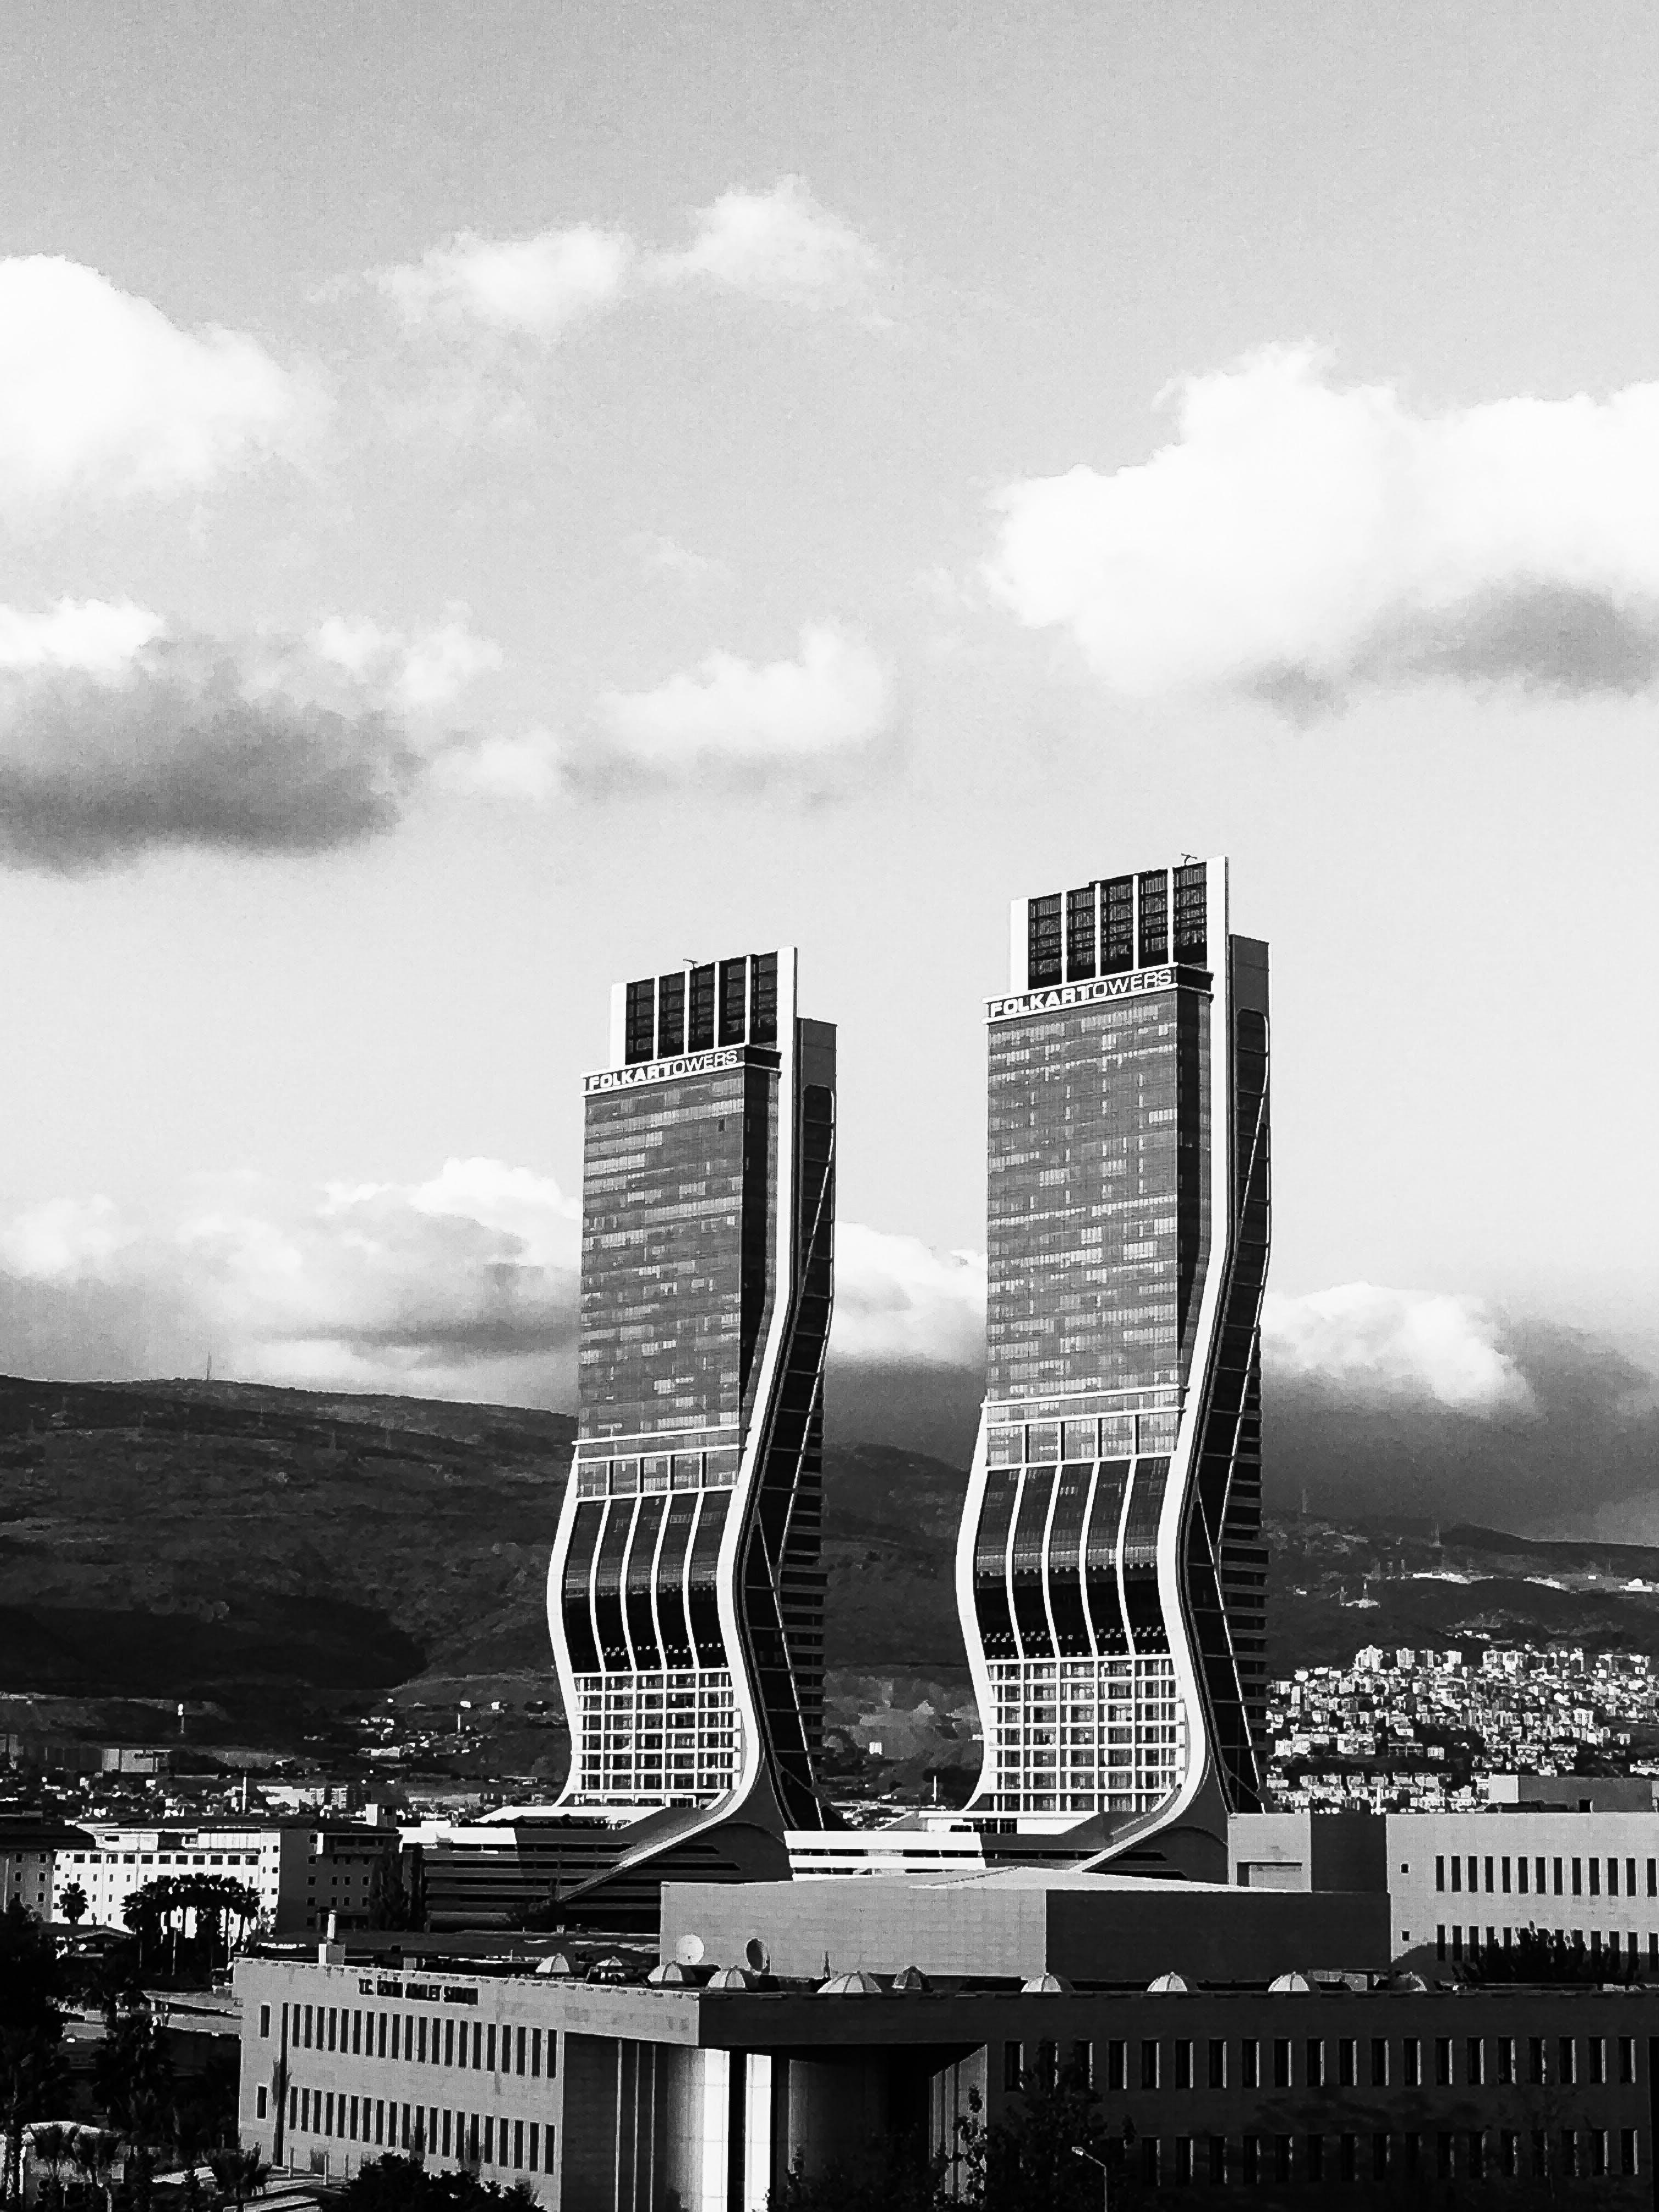 シティ, スカイライン, タワー, ダウンタウンの無料の写真素材